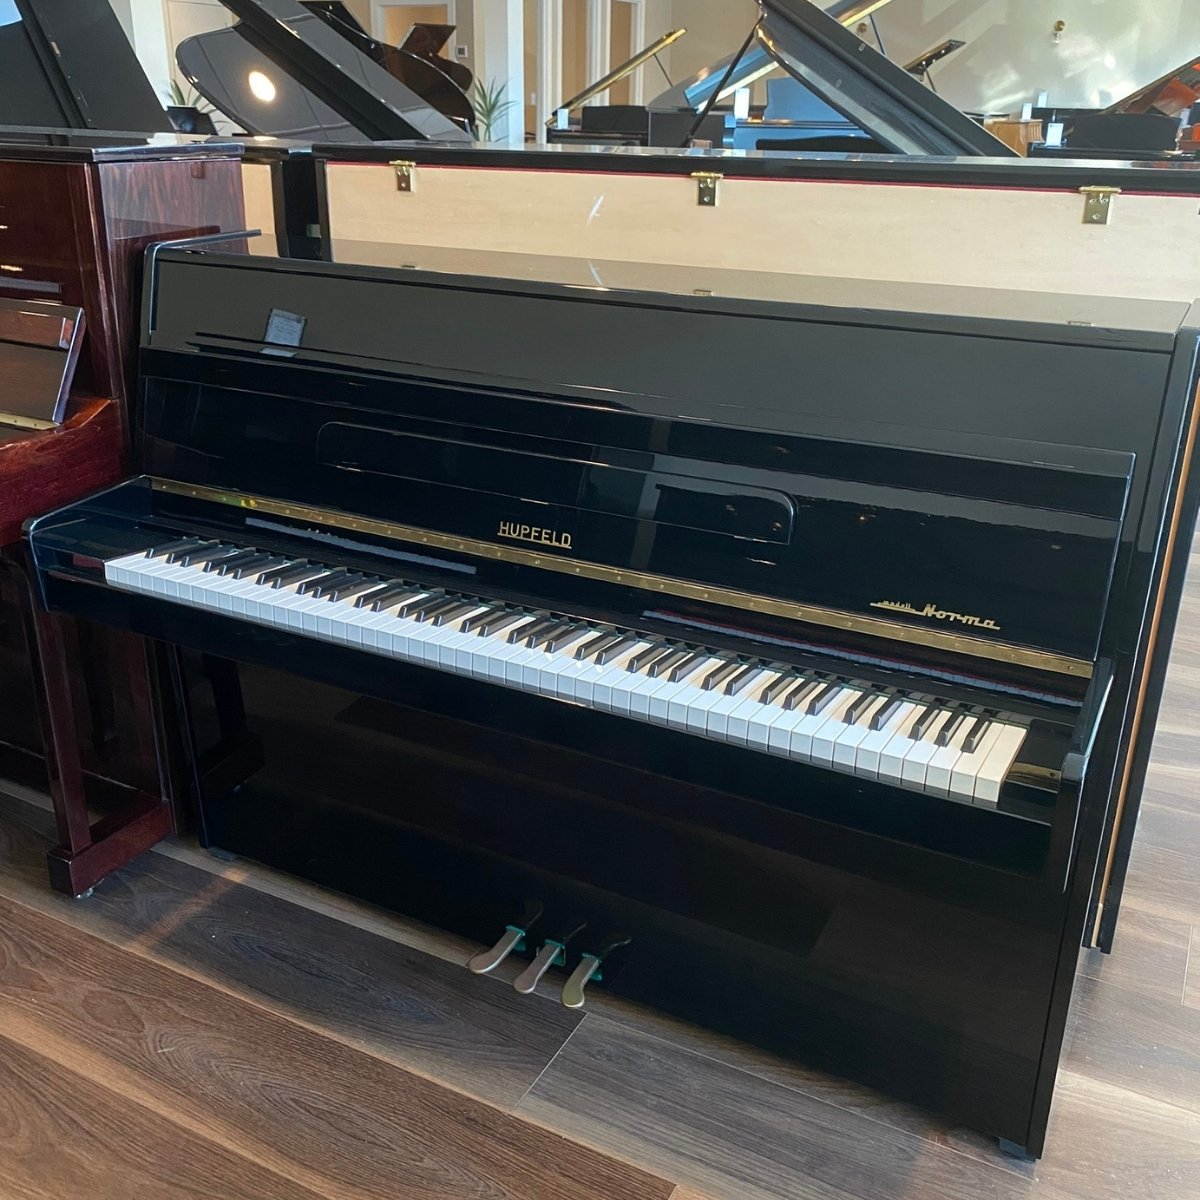 Hupfeld 43 Norma Upright Piano